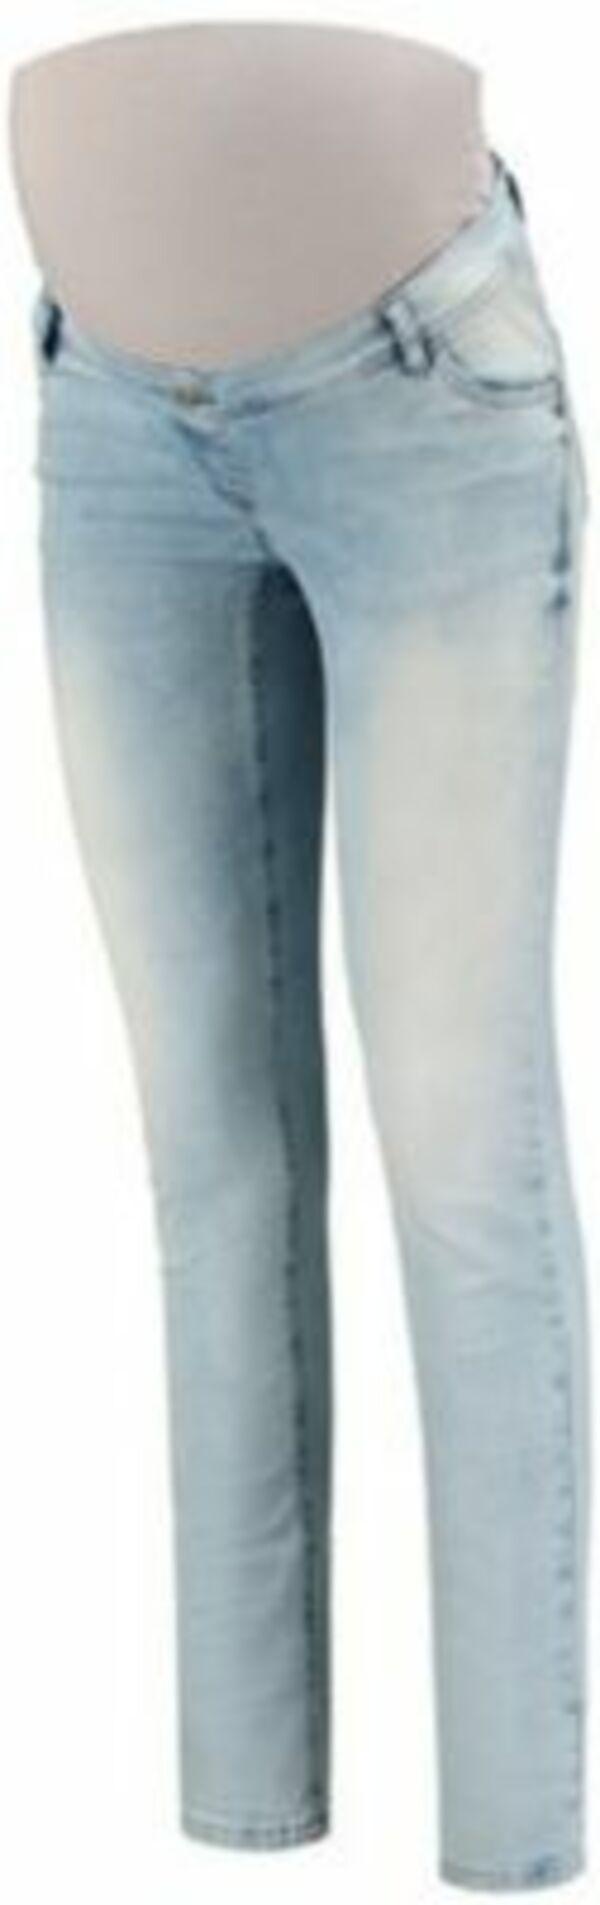 Umstandsjeans Sophia 32´´ blau Gr. 27 Damen Kinder